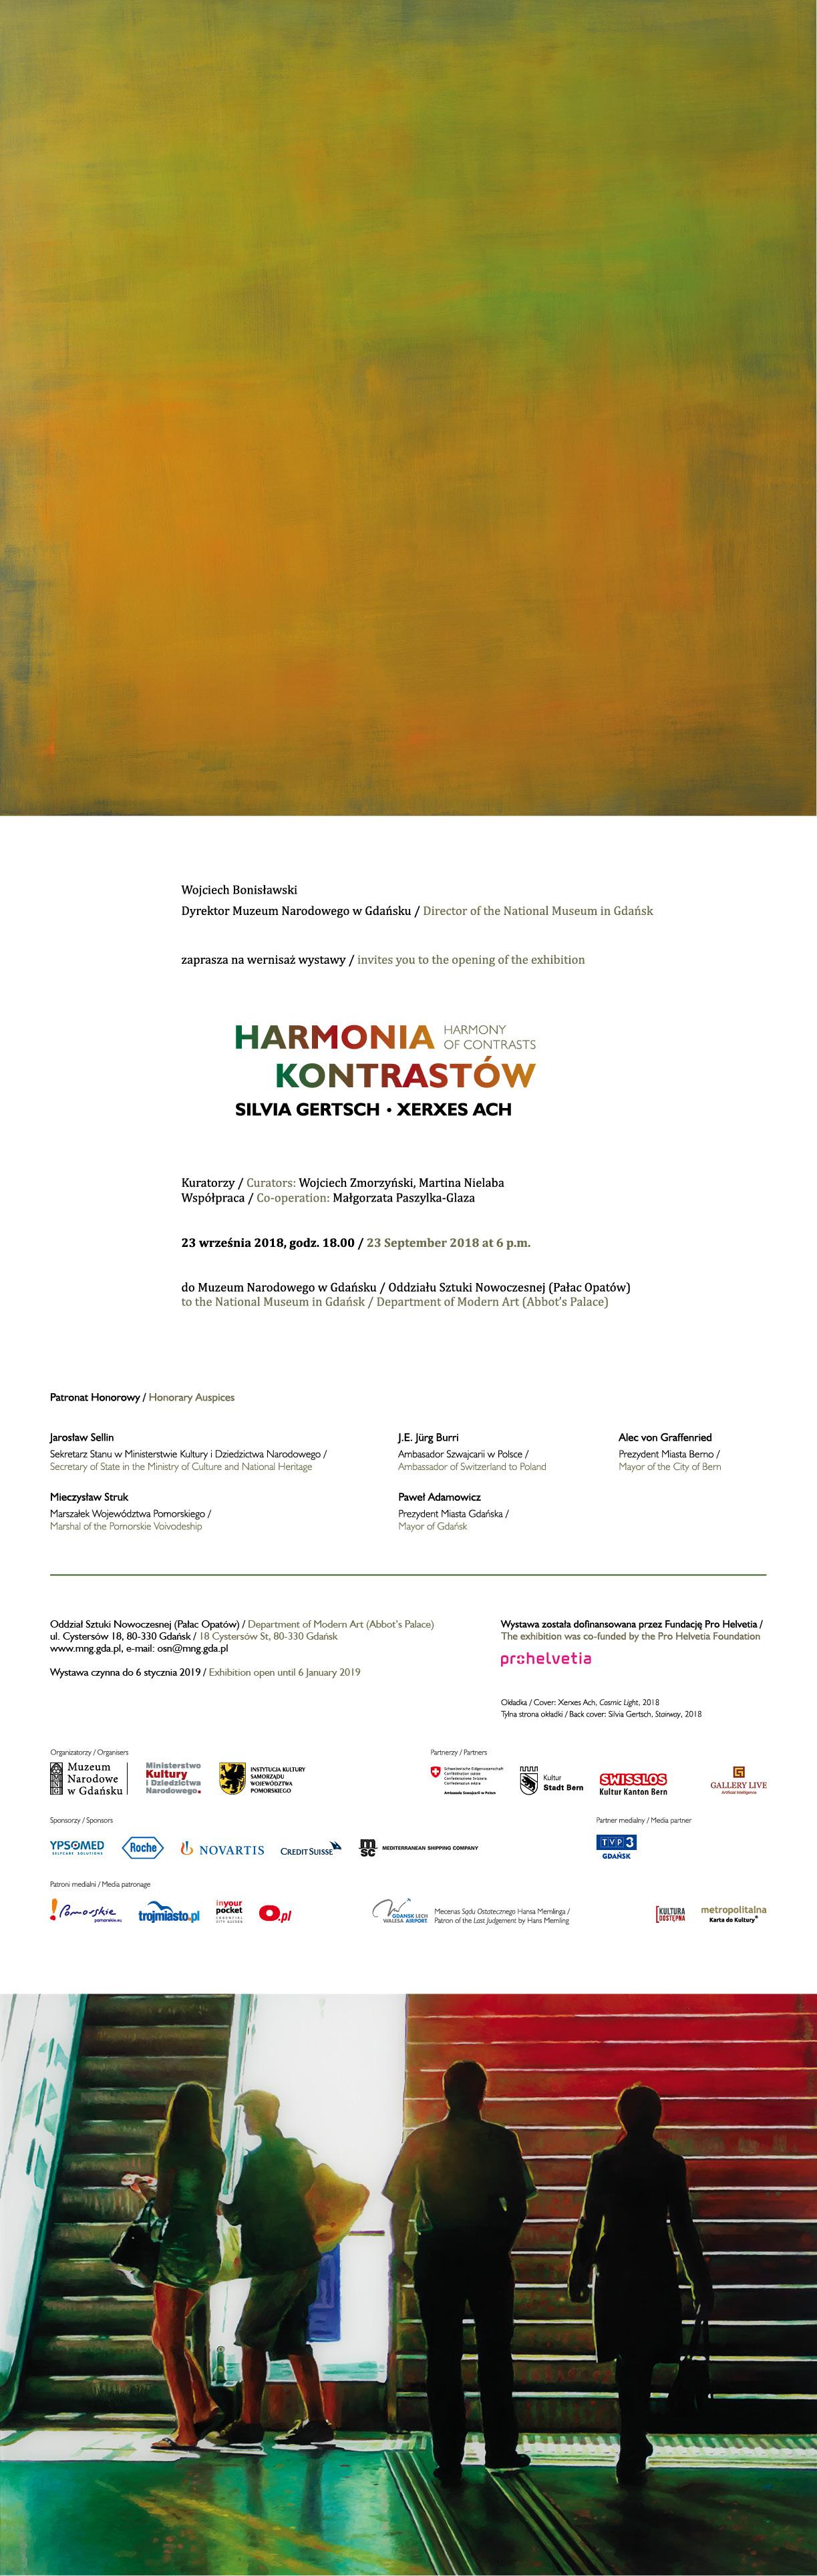 harmonia kontrastoจdจนw_zaproszenie elektroniczne OK Kopie.jpg